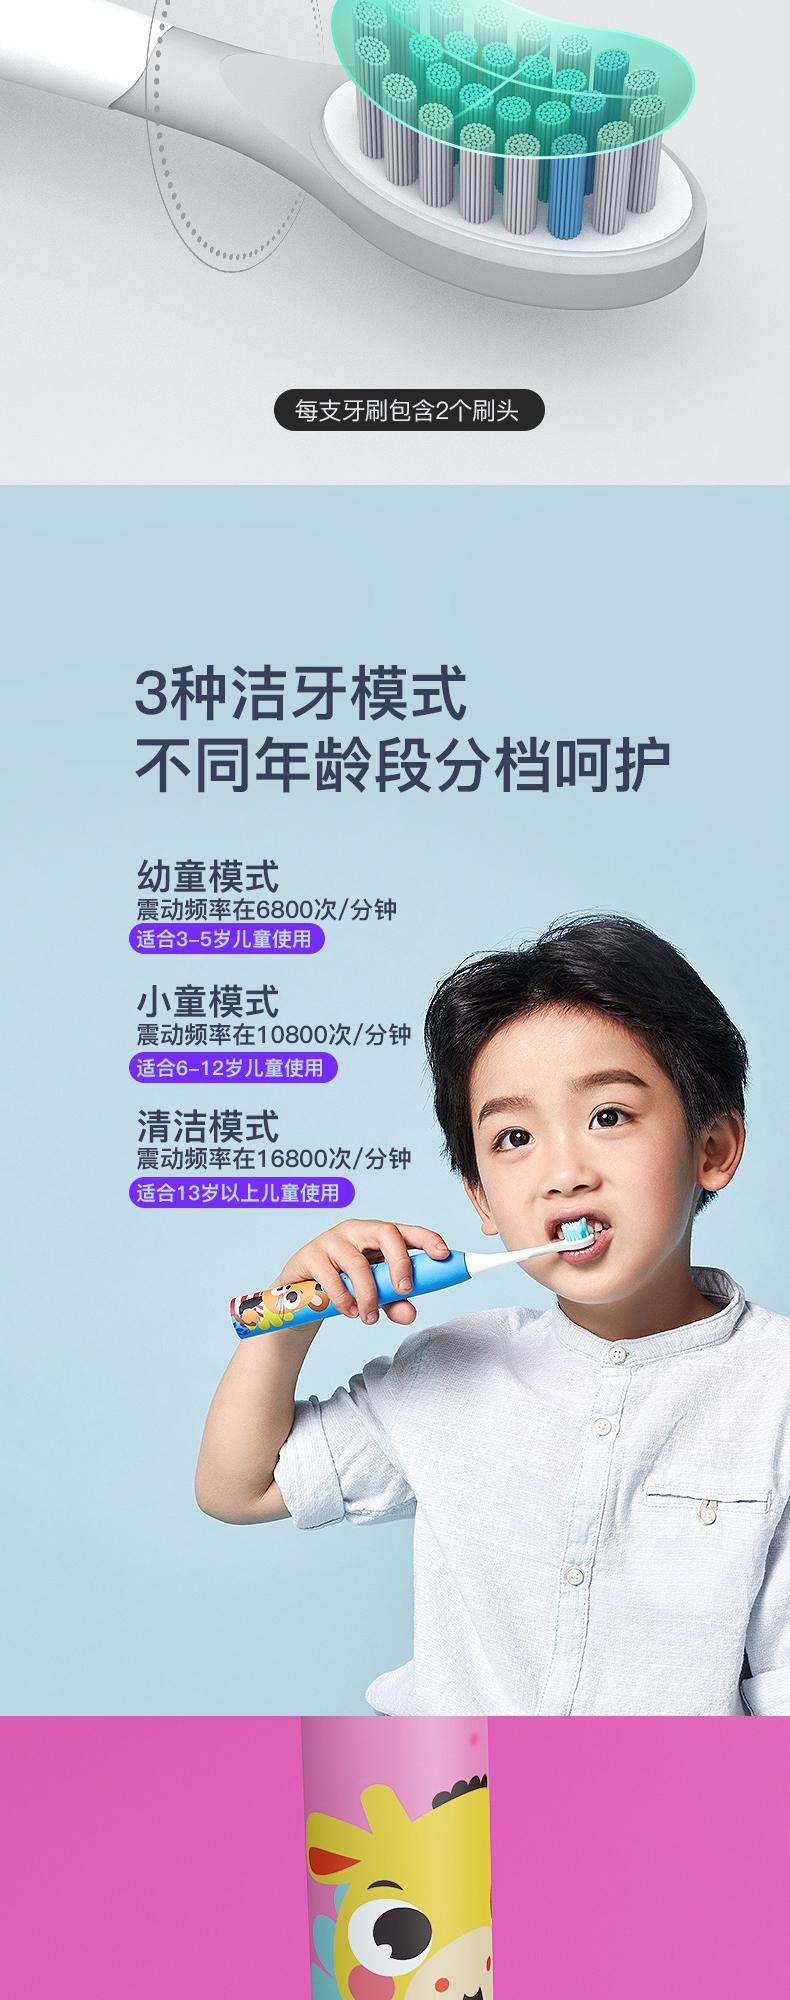 儿童版牙刷详情页_06.jpg